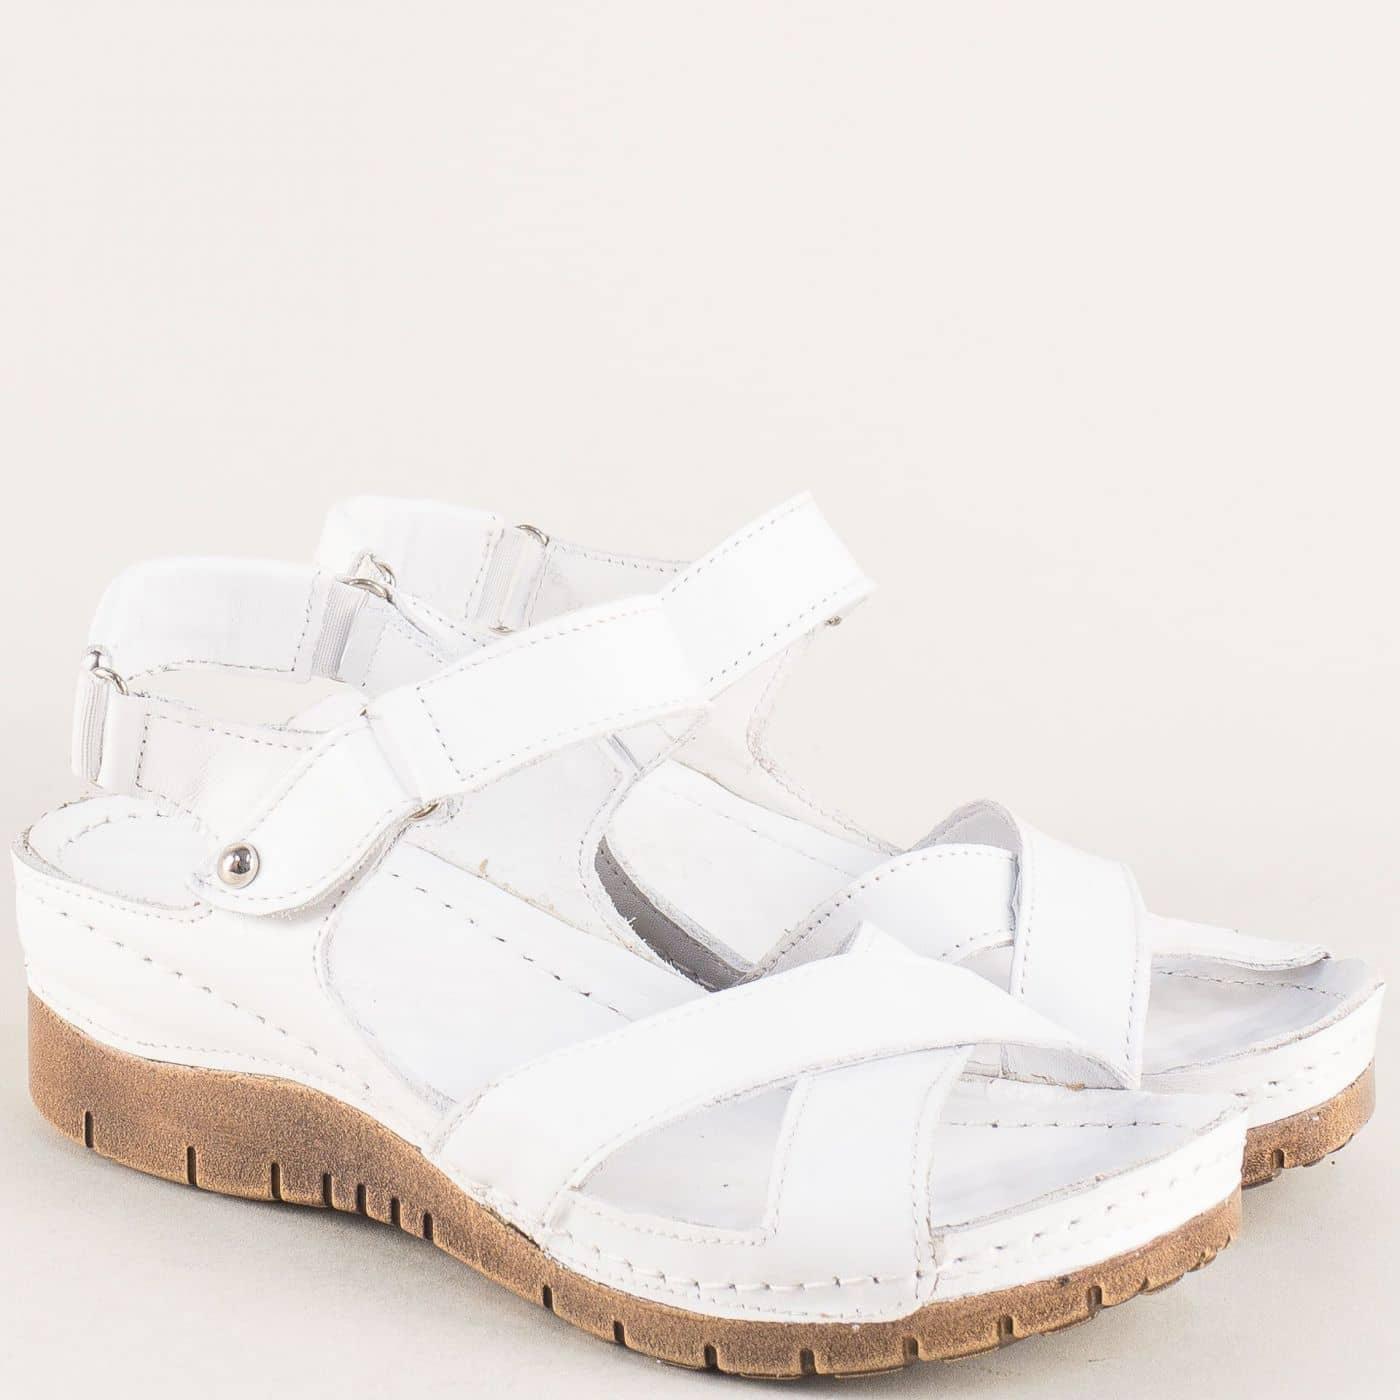 ee37fd31dea Бели дамски сандали от естествена кожа на комфортна платформа 116ob - Zebra  1992